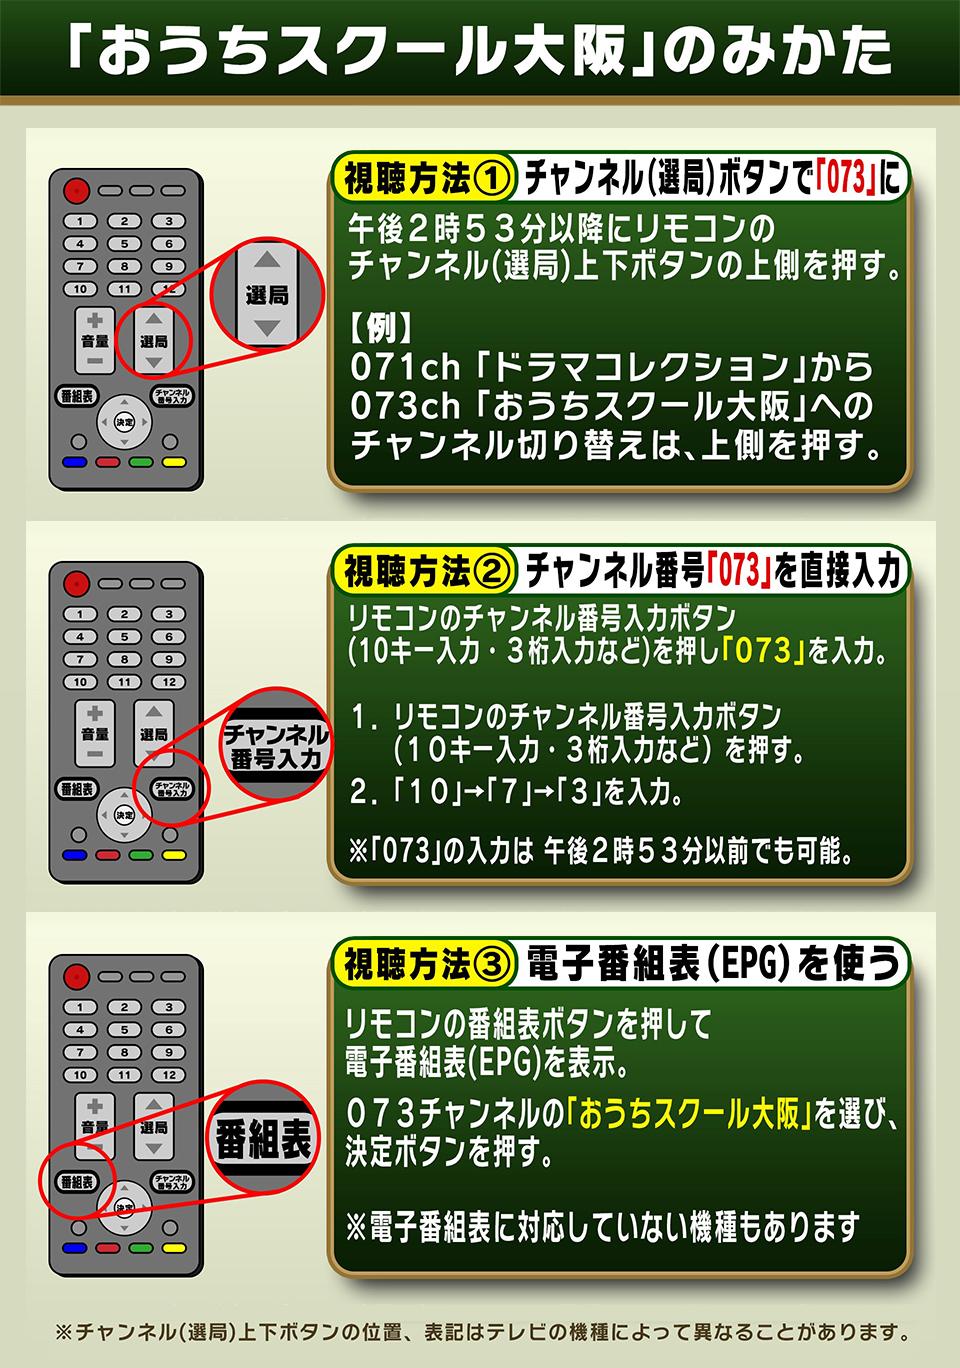 大阪 の テレビ 番組 表